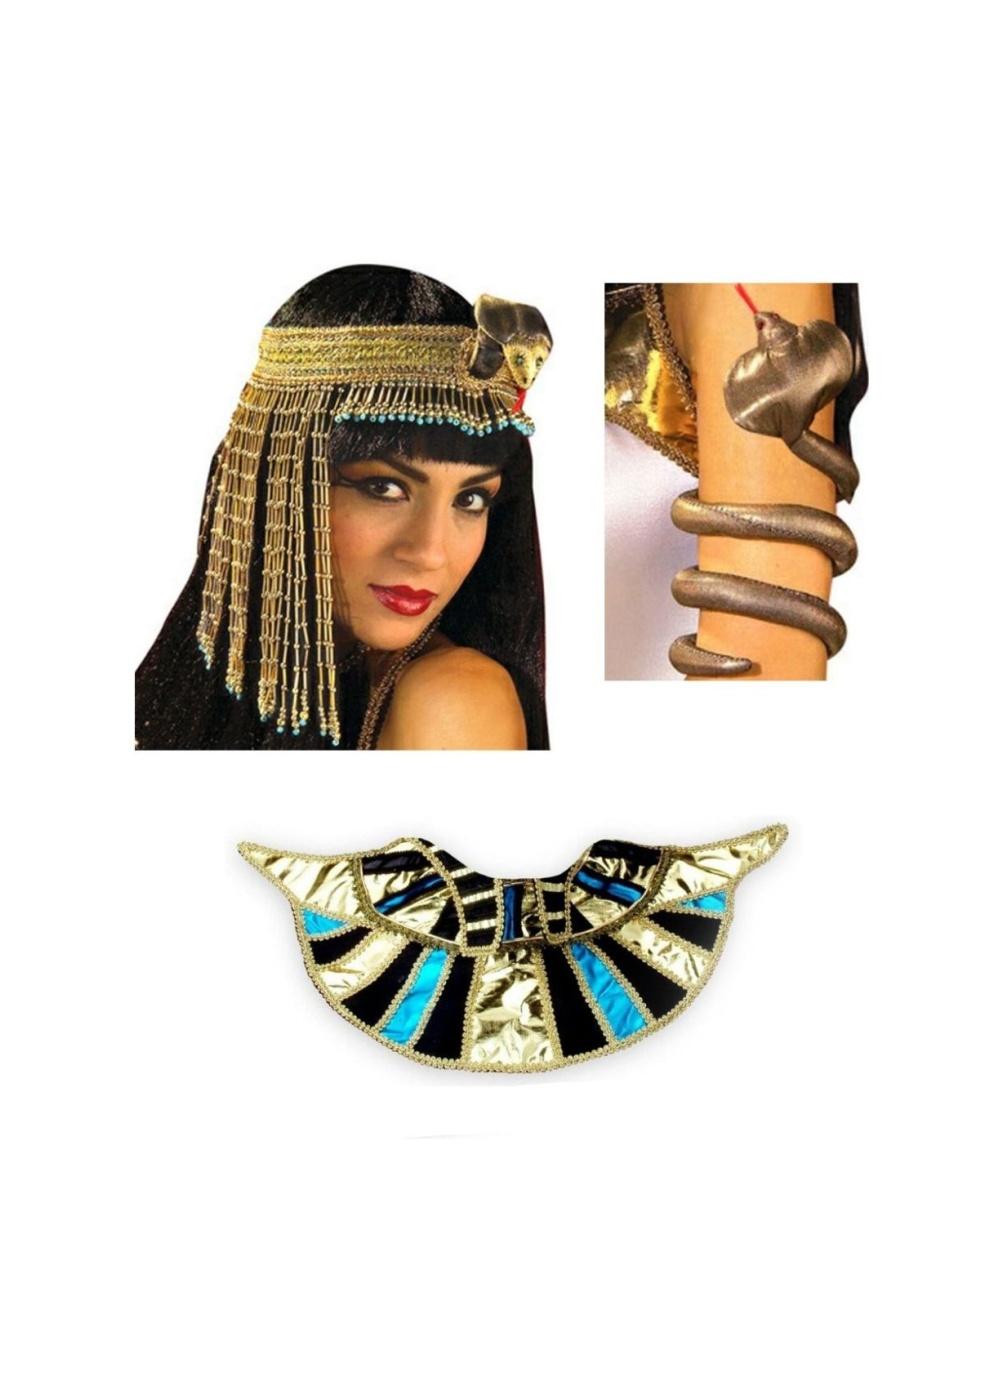 Cleopatra Pharaoh Transformation Womens Accessory Kit